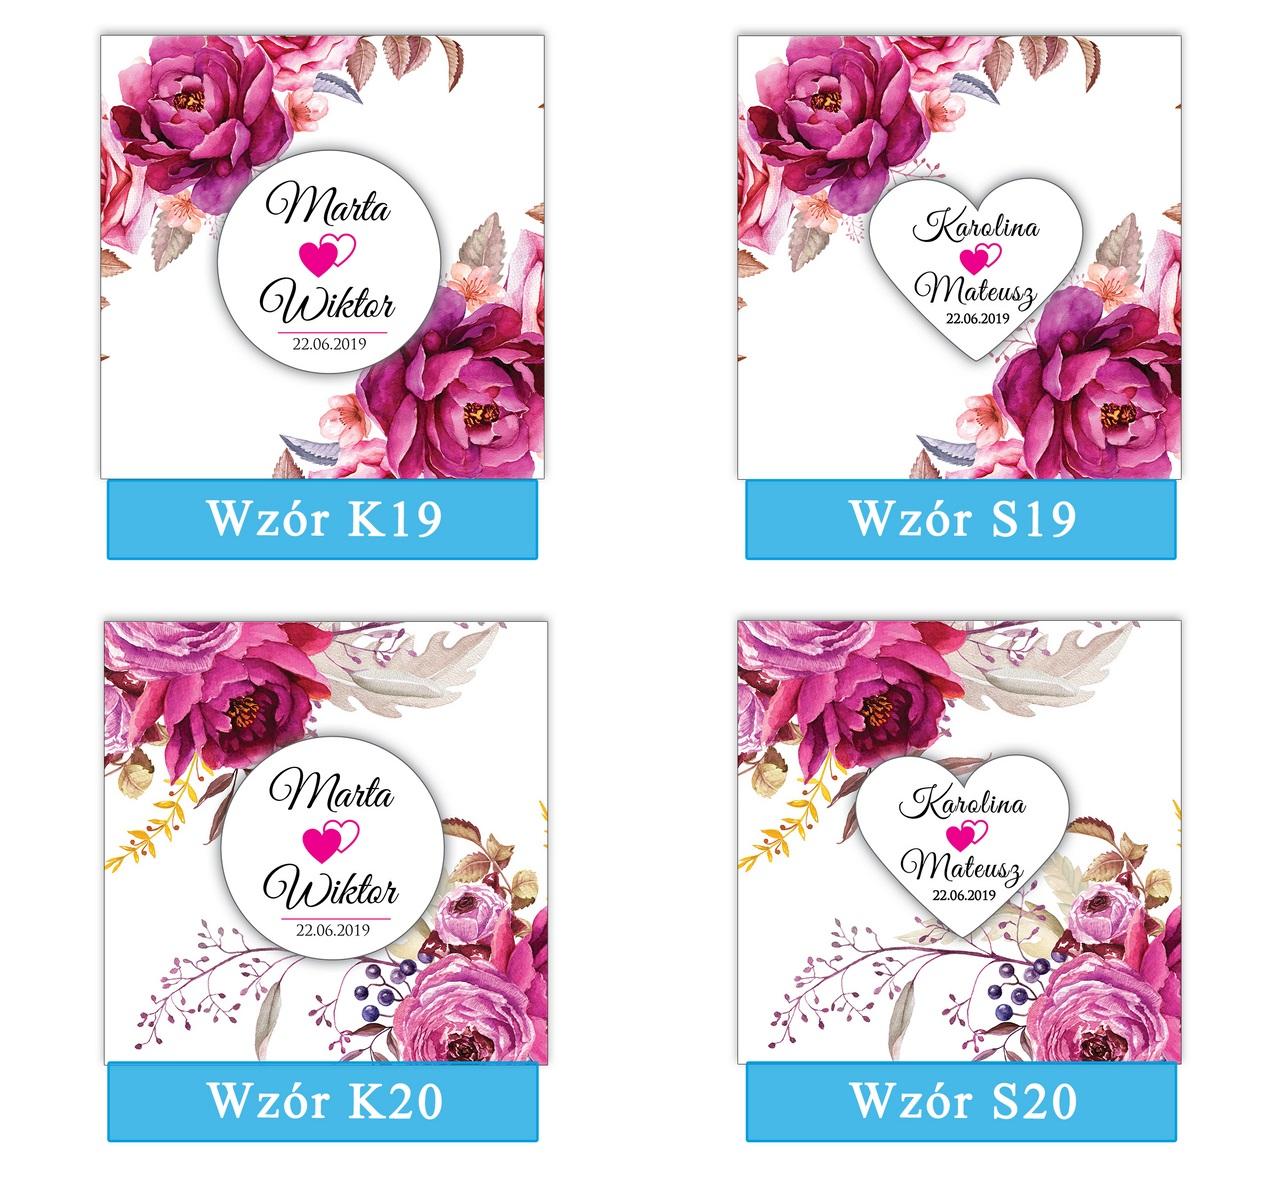 zaproszenia-ślubne-boho-rustykalne-kwiatowe-Nikola-ze-wstążką-kwiaty boho-plansza-wzory19-20